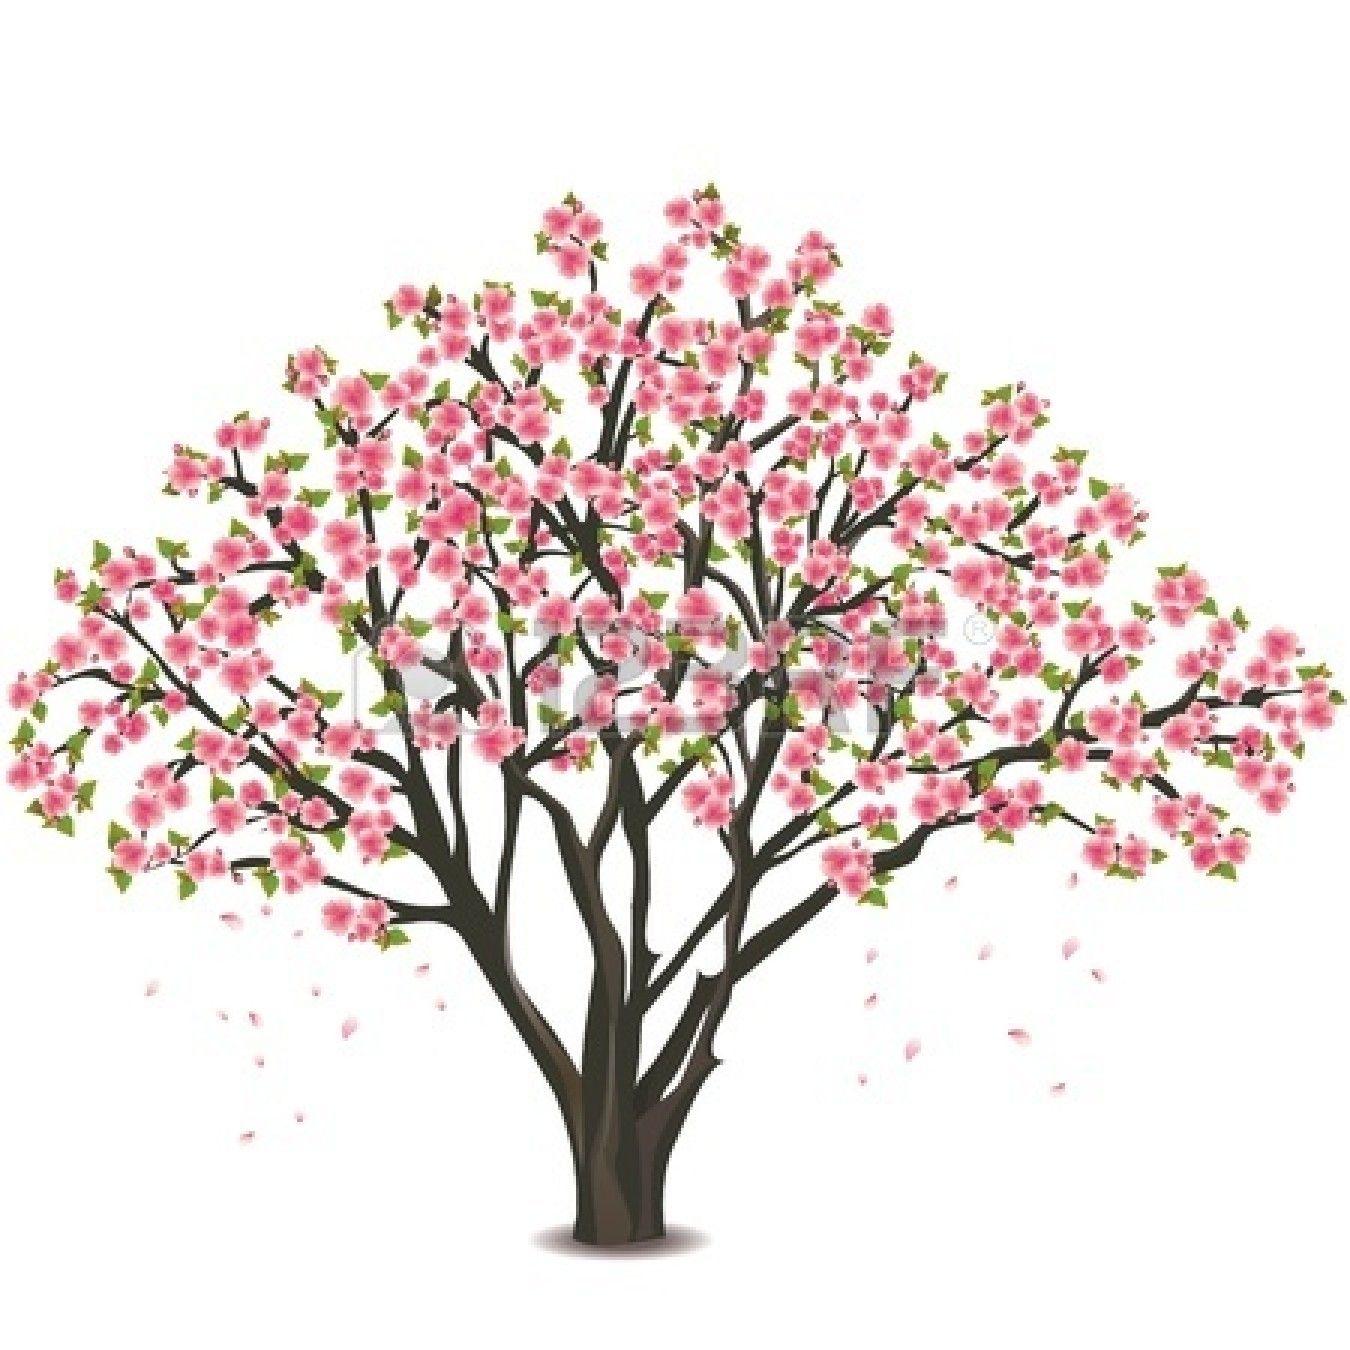 Sakura Blossom Japanese Cherry Tree Isolated On White Background Japanese Cherry Tree Tree Drawing Watercolor Trees